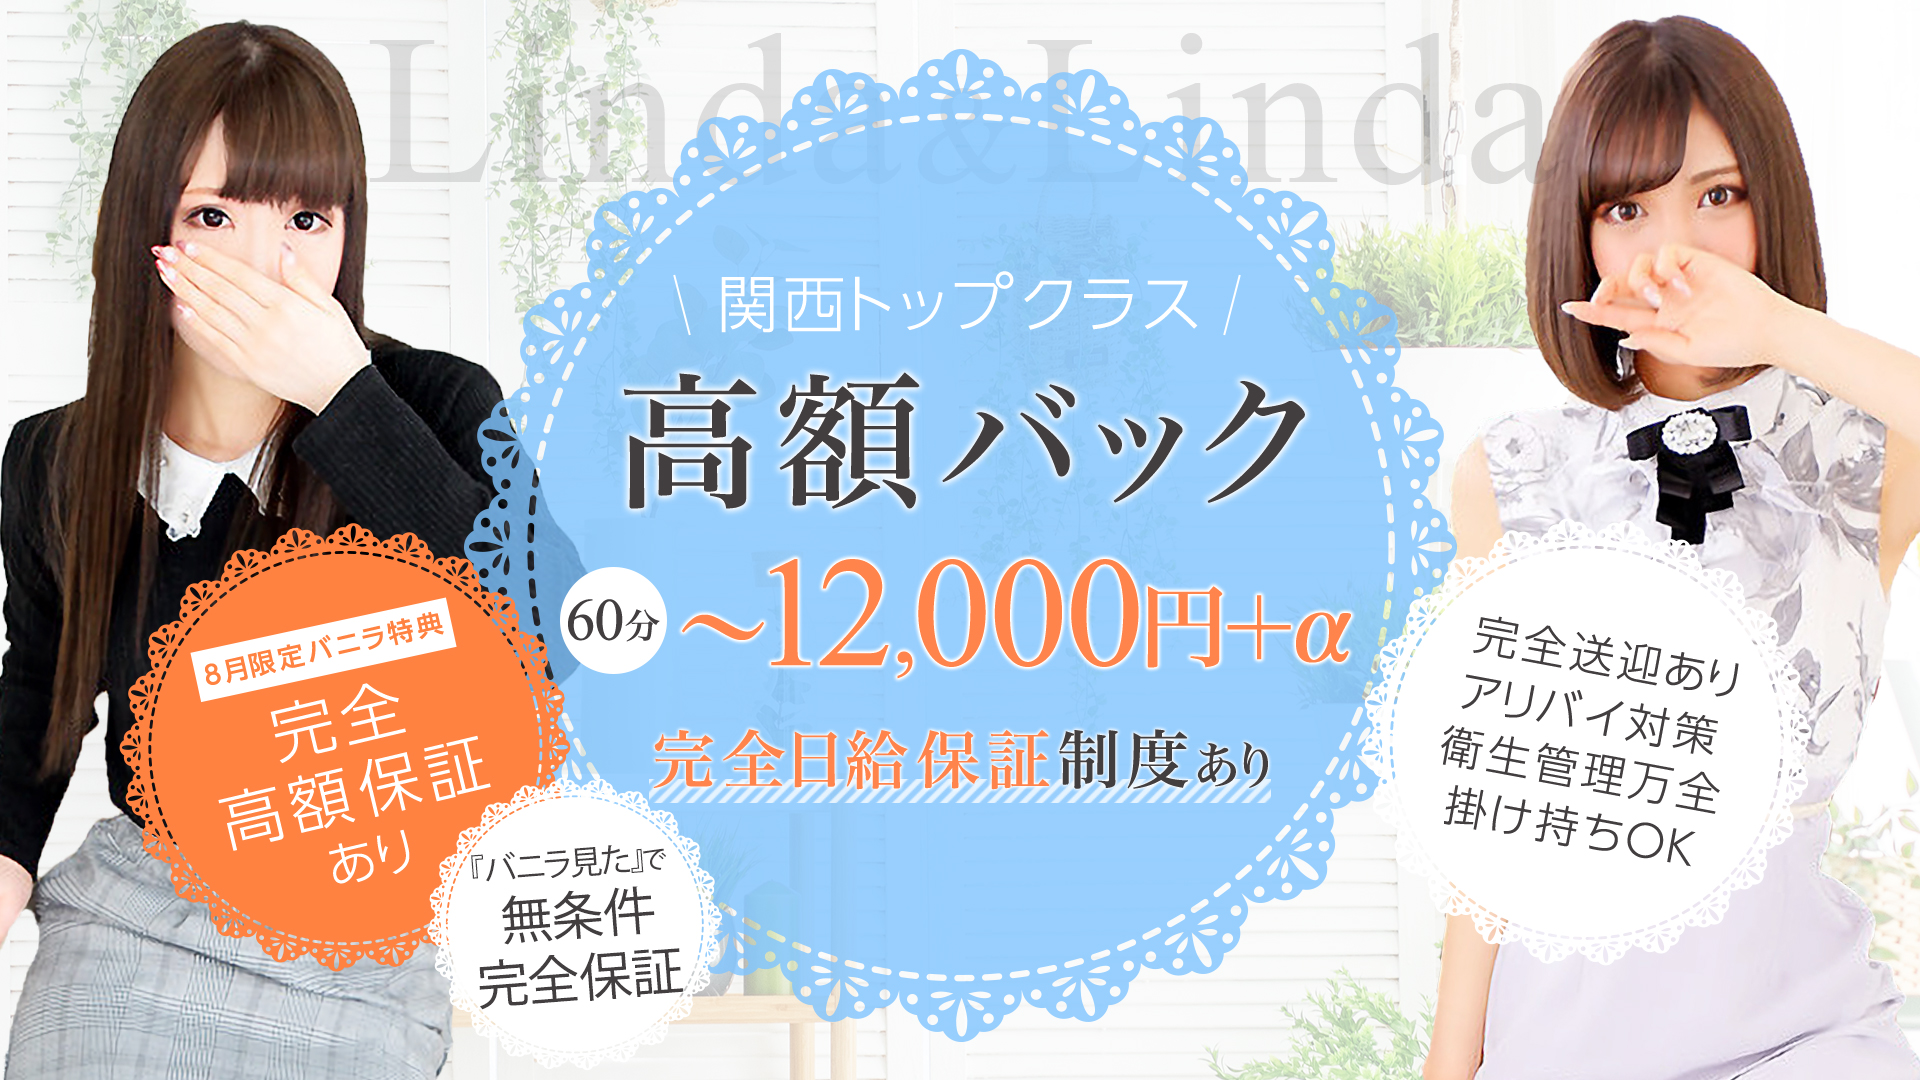 Linda&Linda(リンダリンダ)日本橋